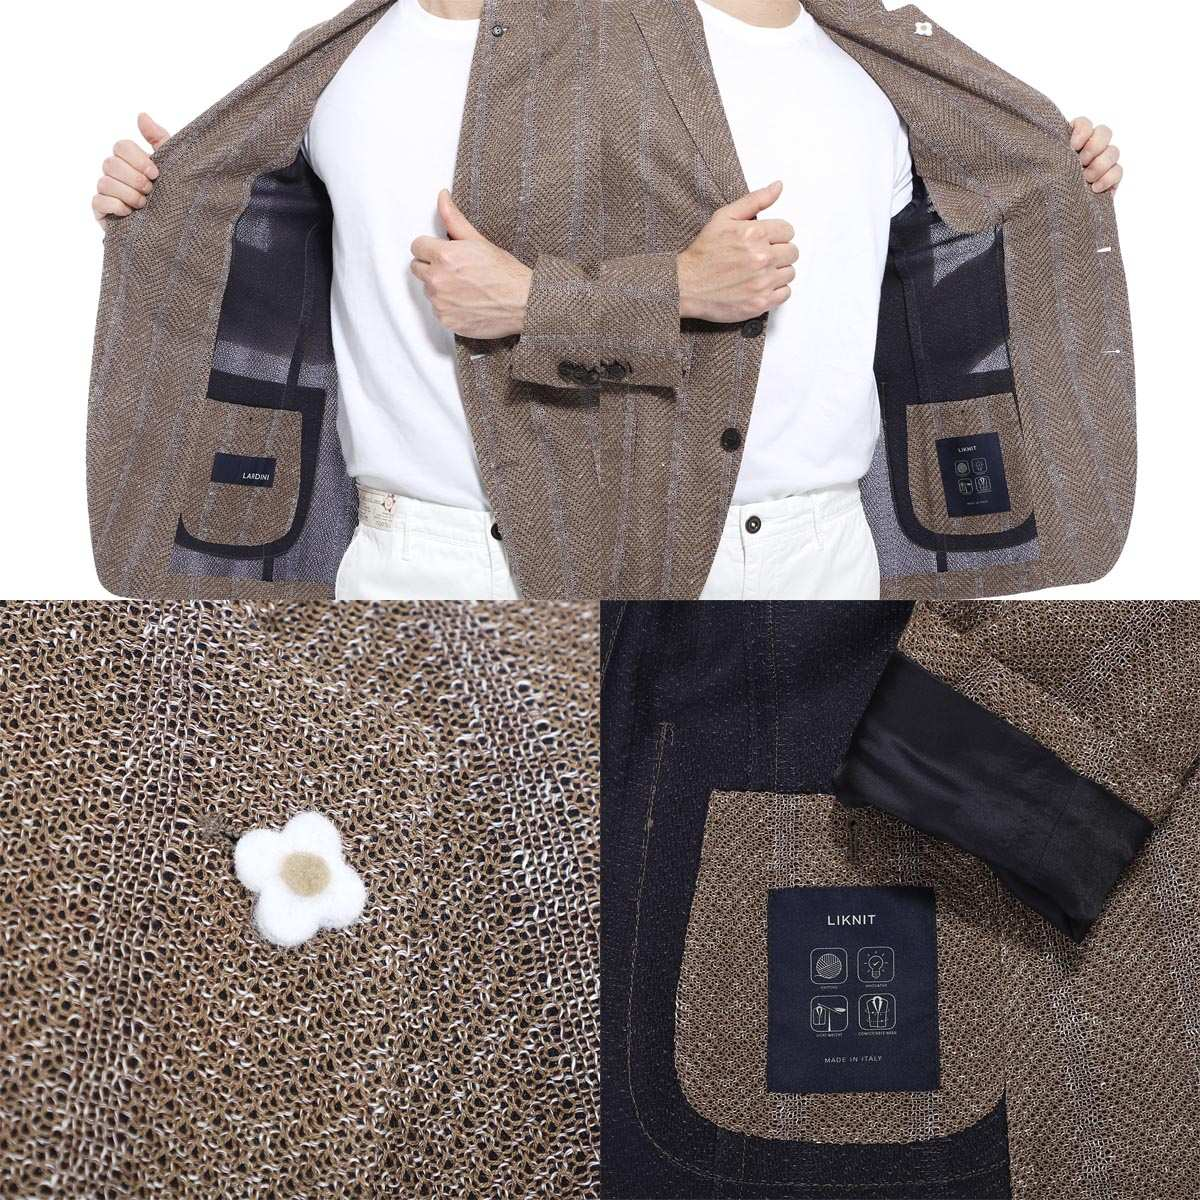 【3万円均一】LARDINI ラルディーニ 2つボタンジャケット【大きいサイズあり】 メンズ